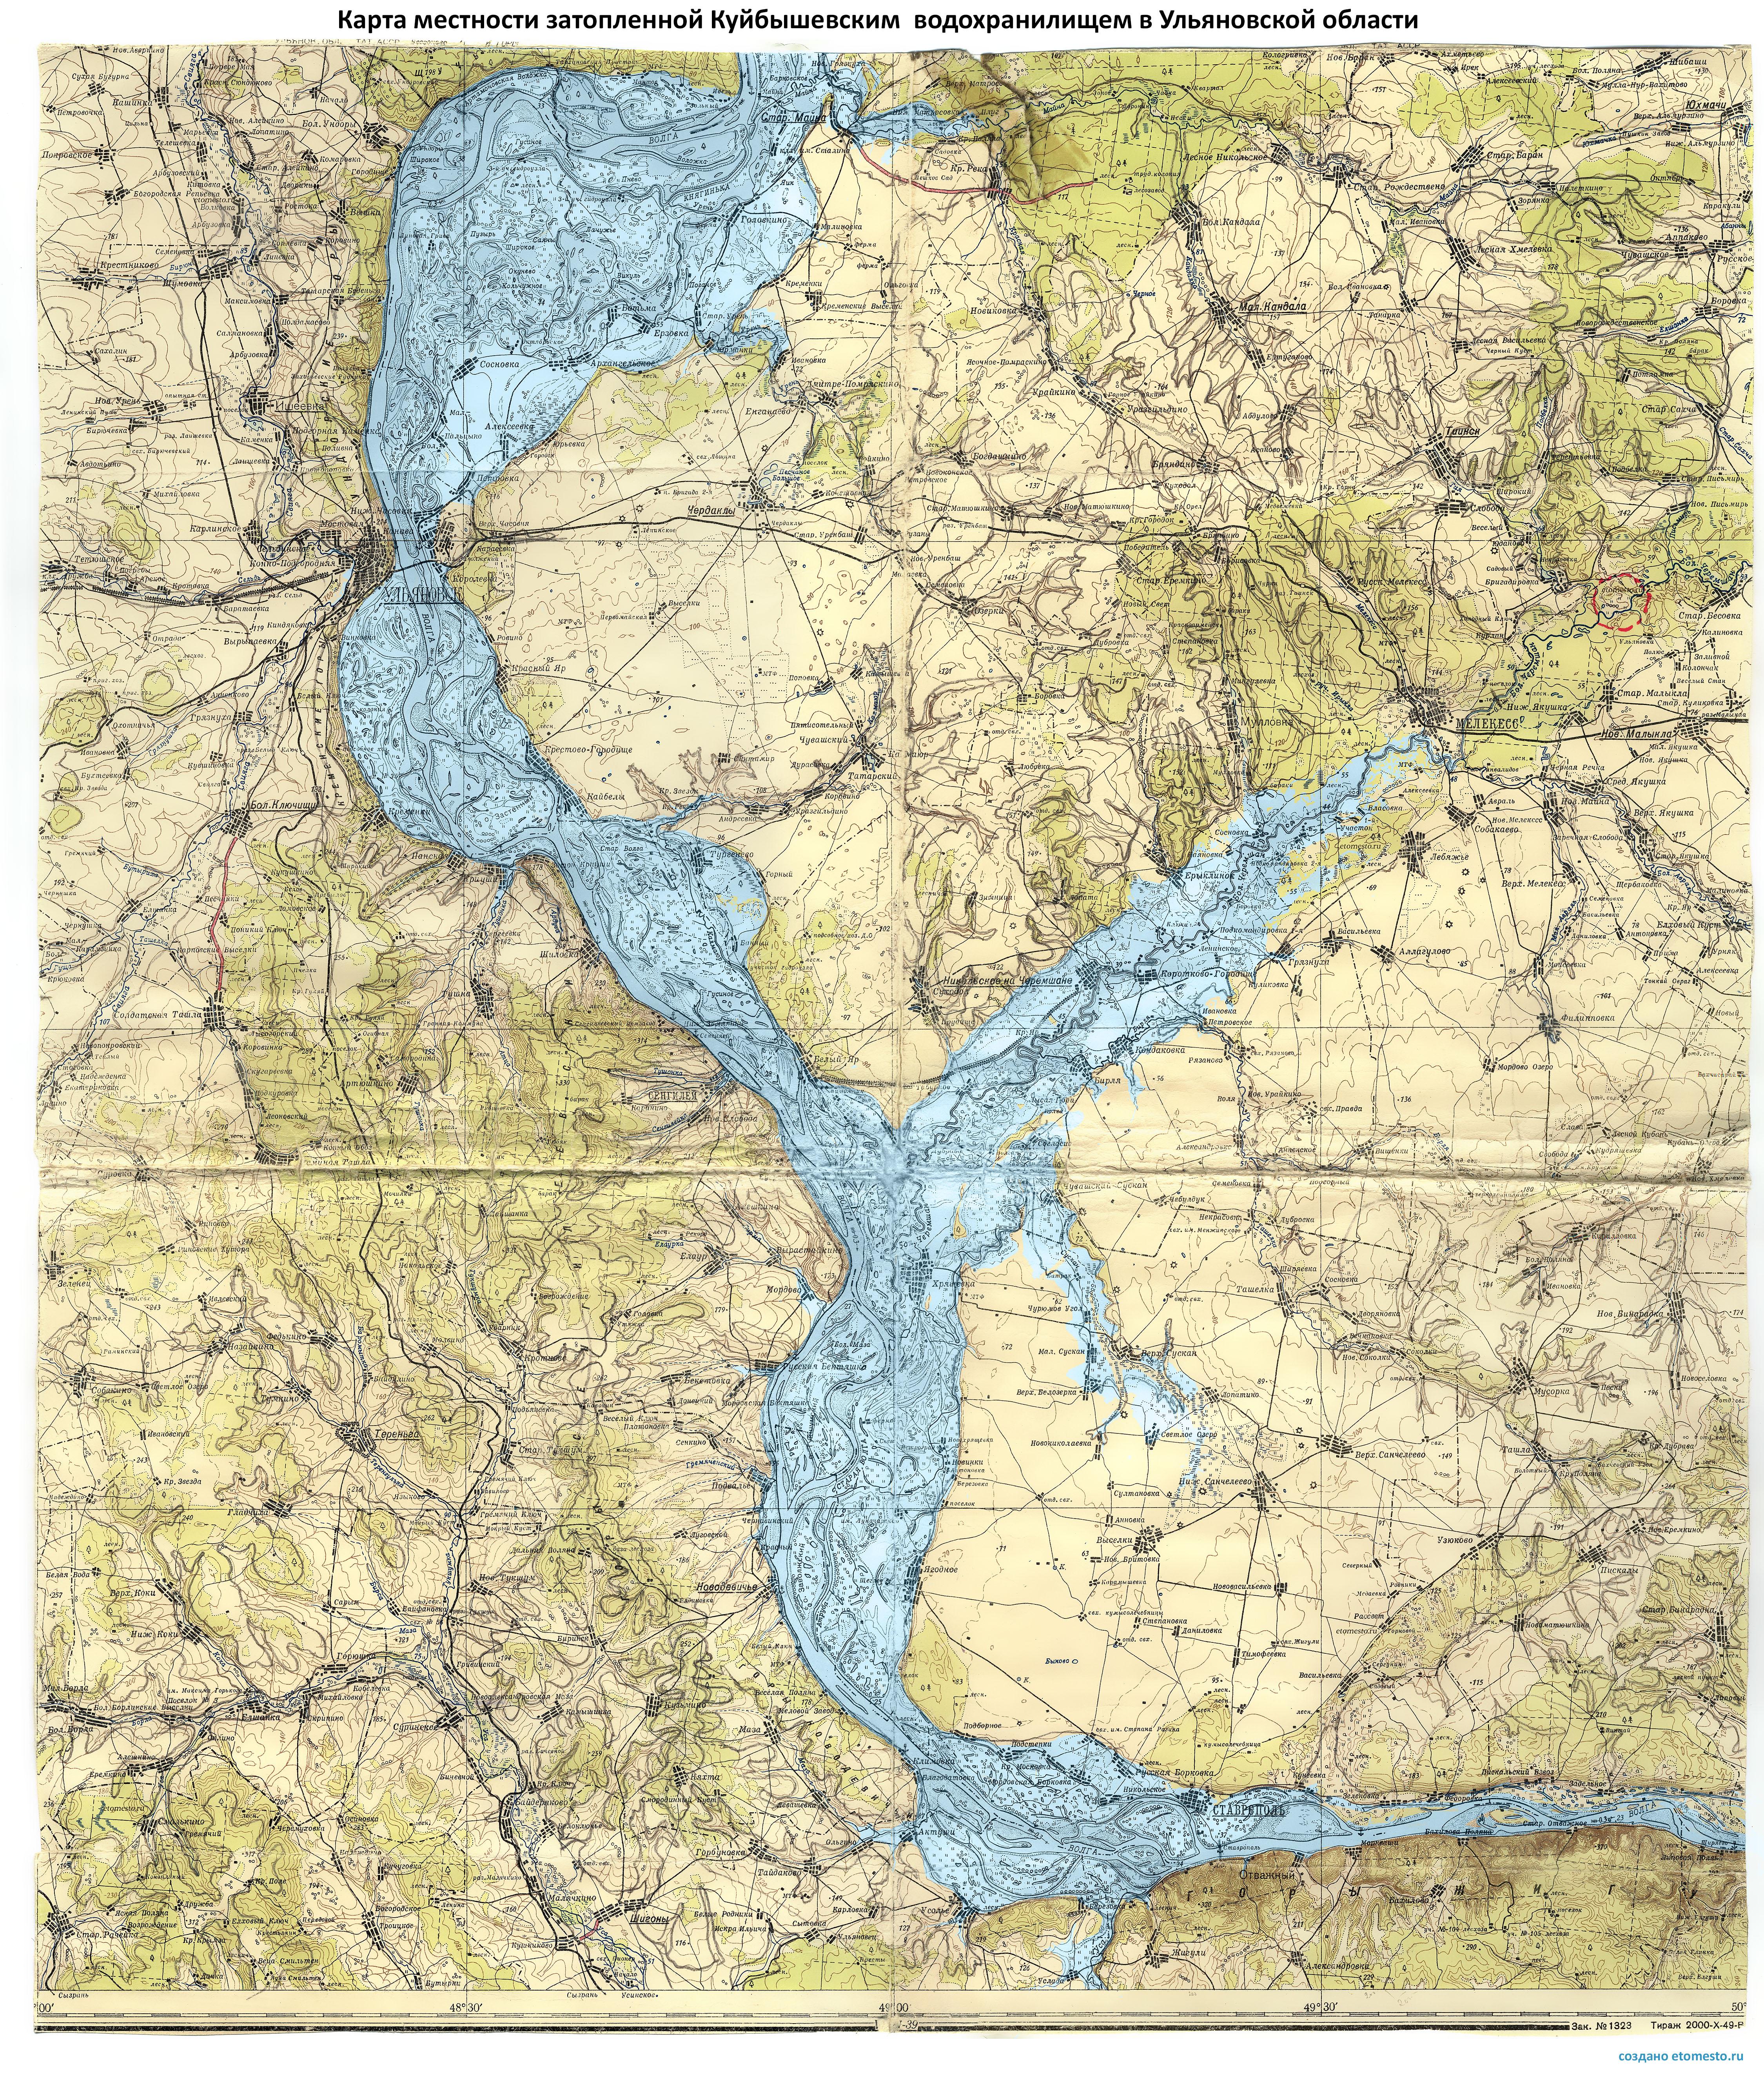 лоция реки дон